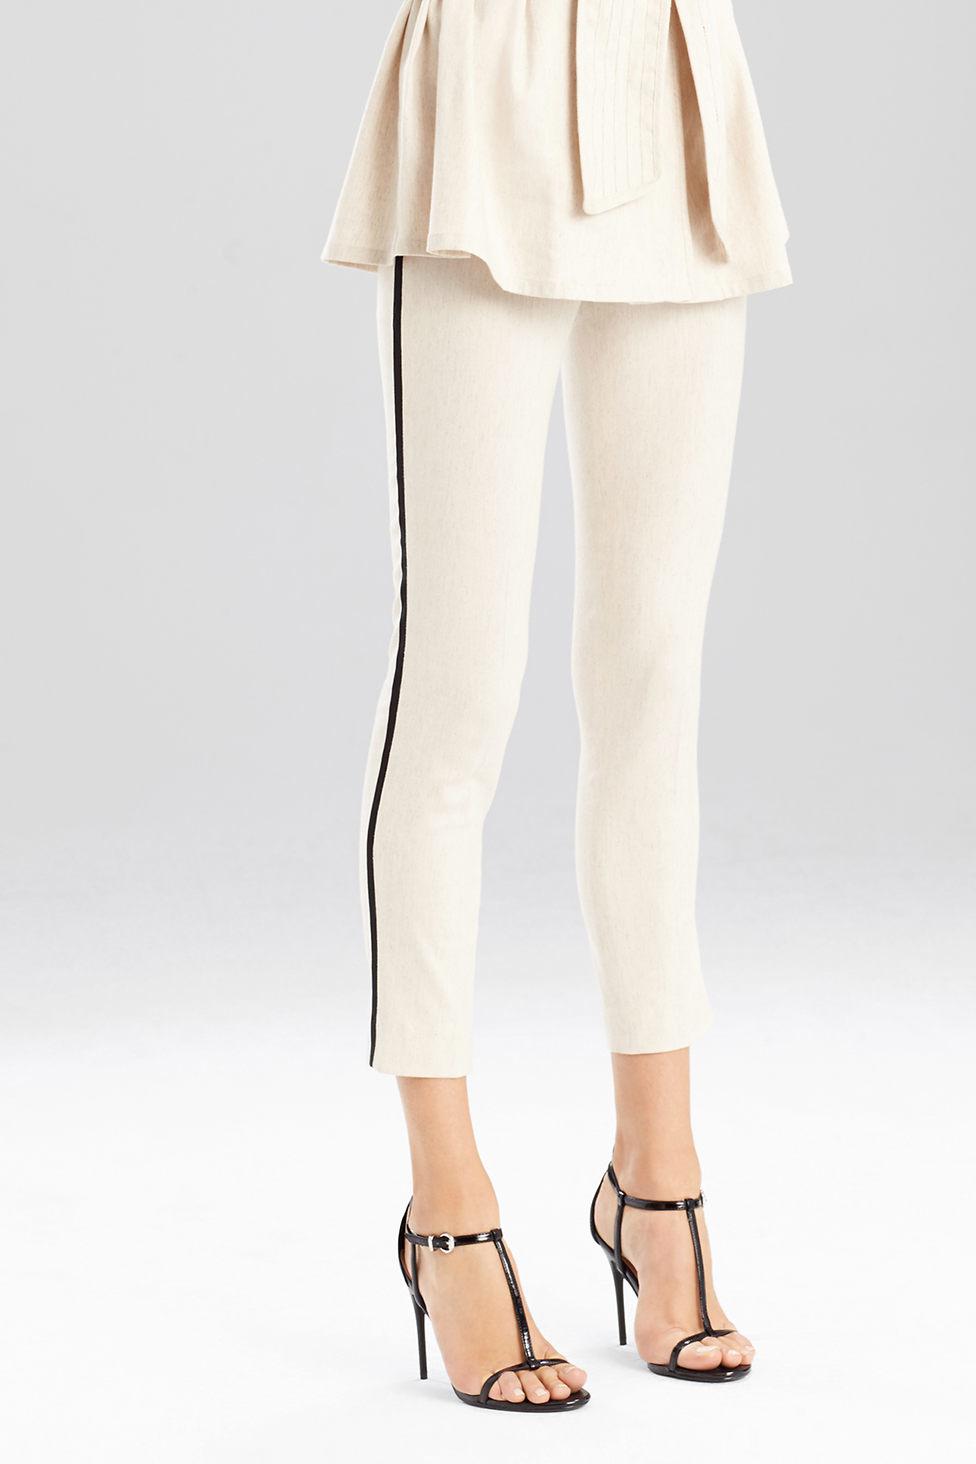 Popular THE NORTH FACE Women39s Larison Linen Pants  DUNE BEIGE